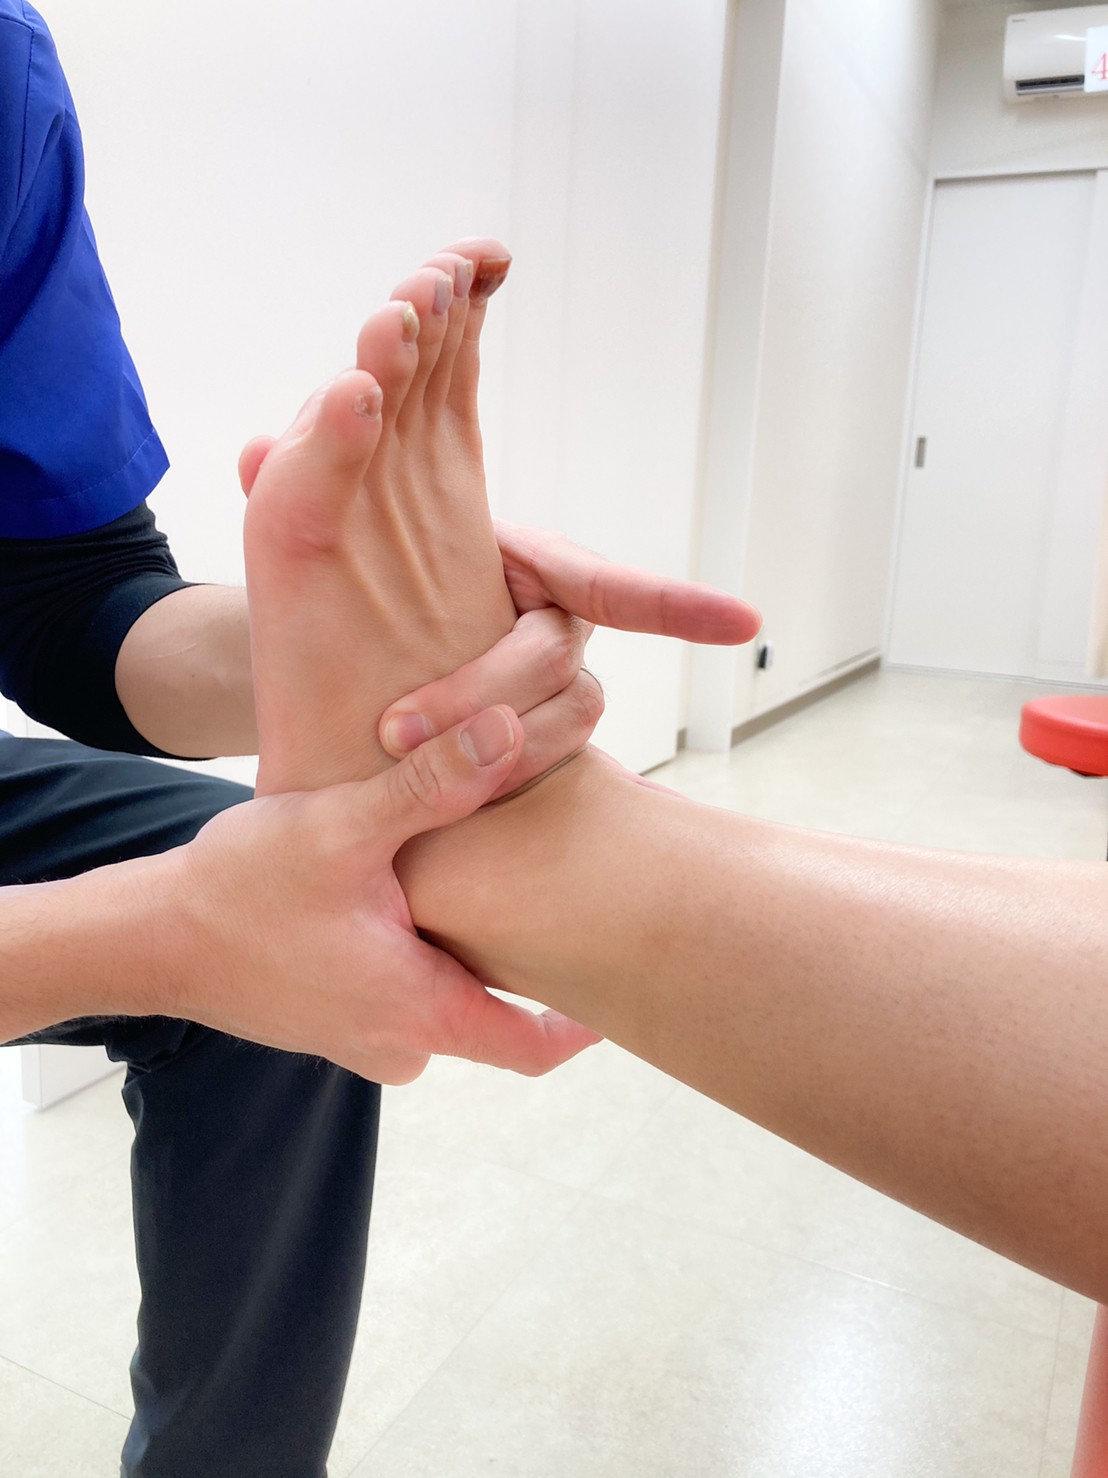 足部の手技療法とエクササイズ